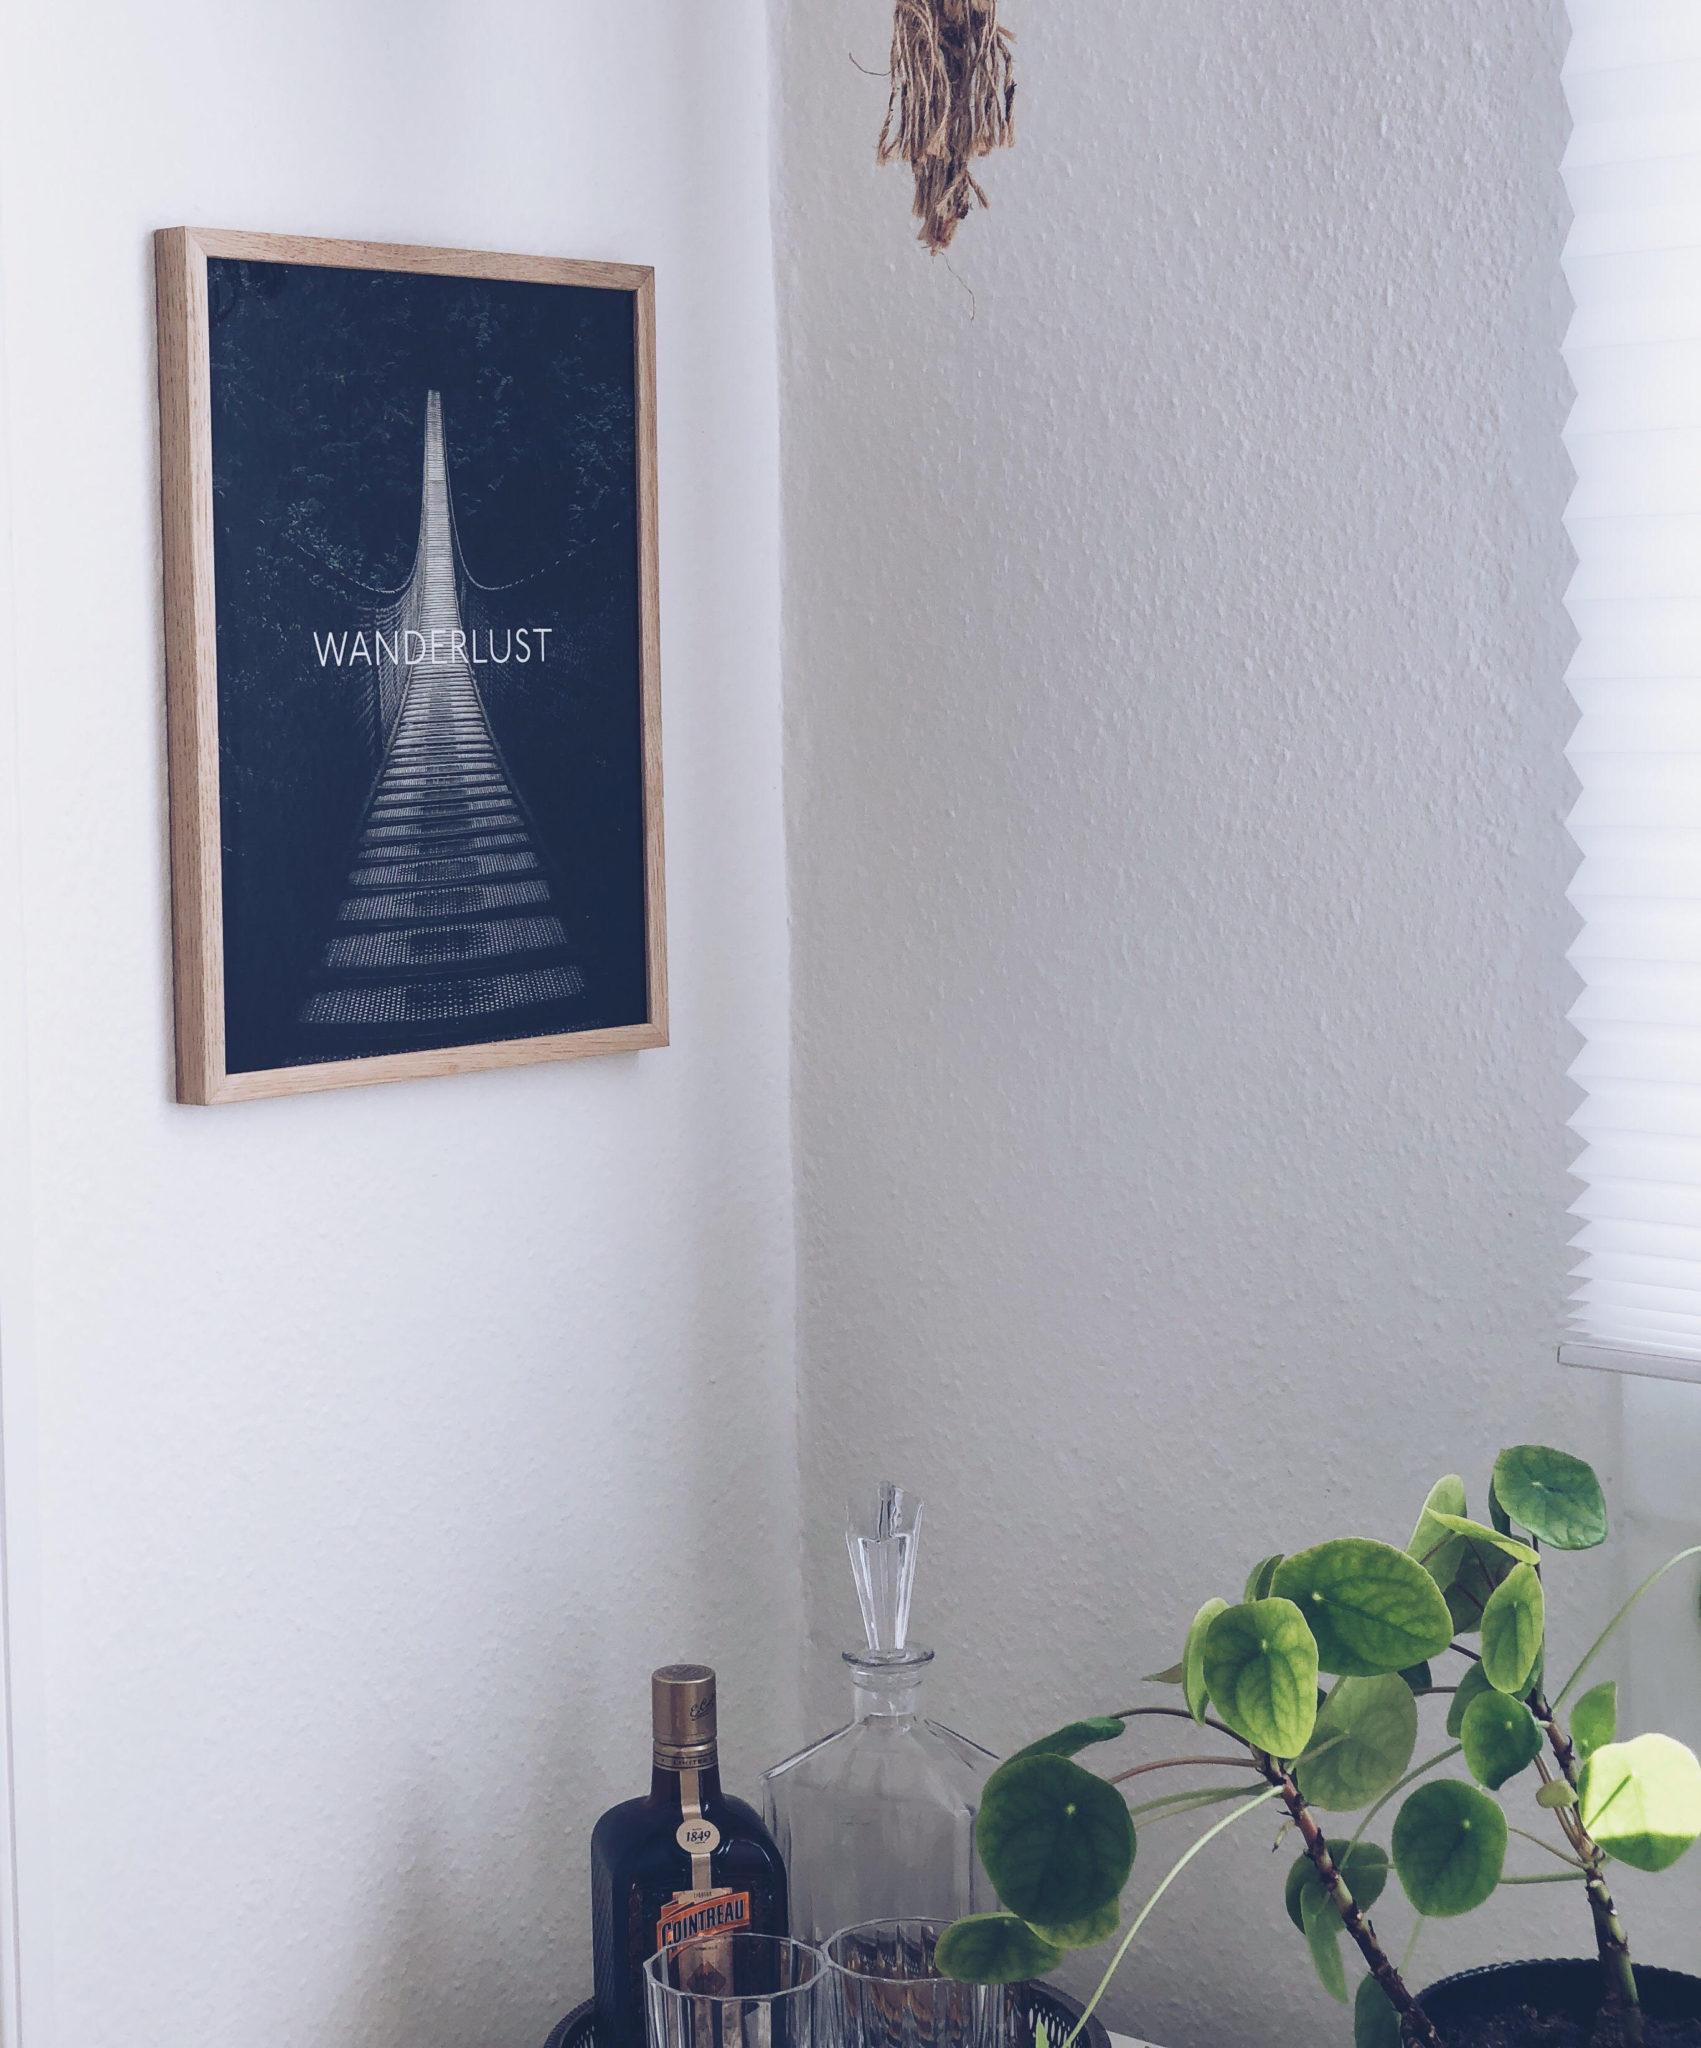 plakater fra Desenio med rejselyst; Wanderlust